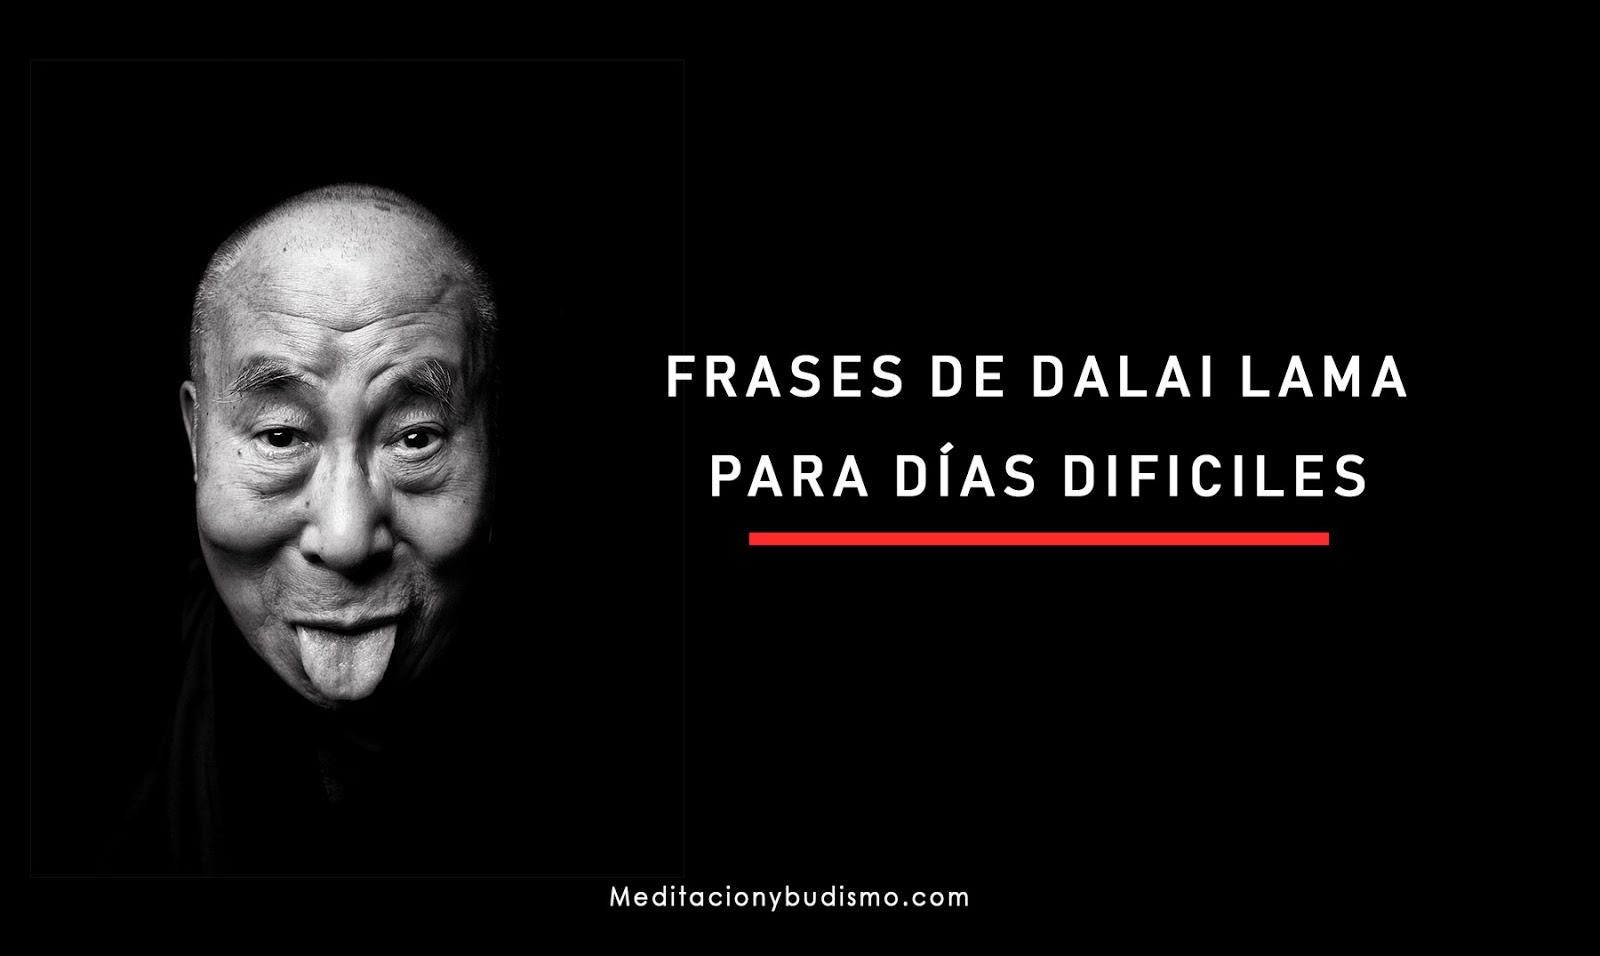 Frases de Dalai lama para días difíciles - Meditación Y Budismo